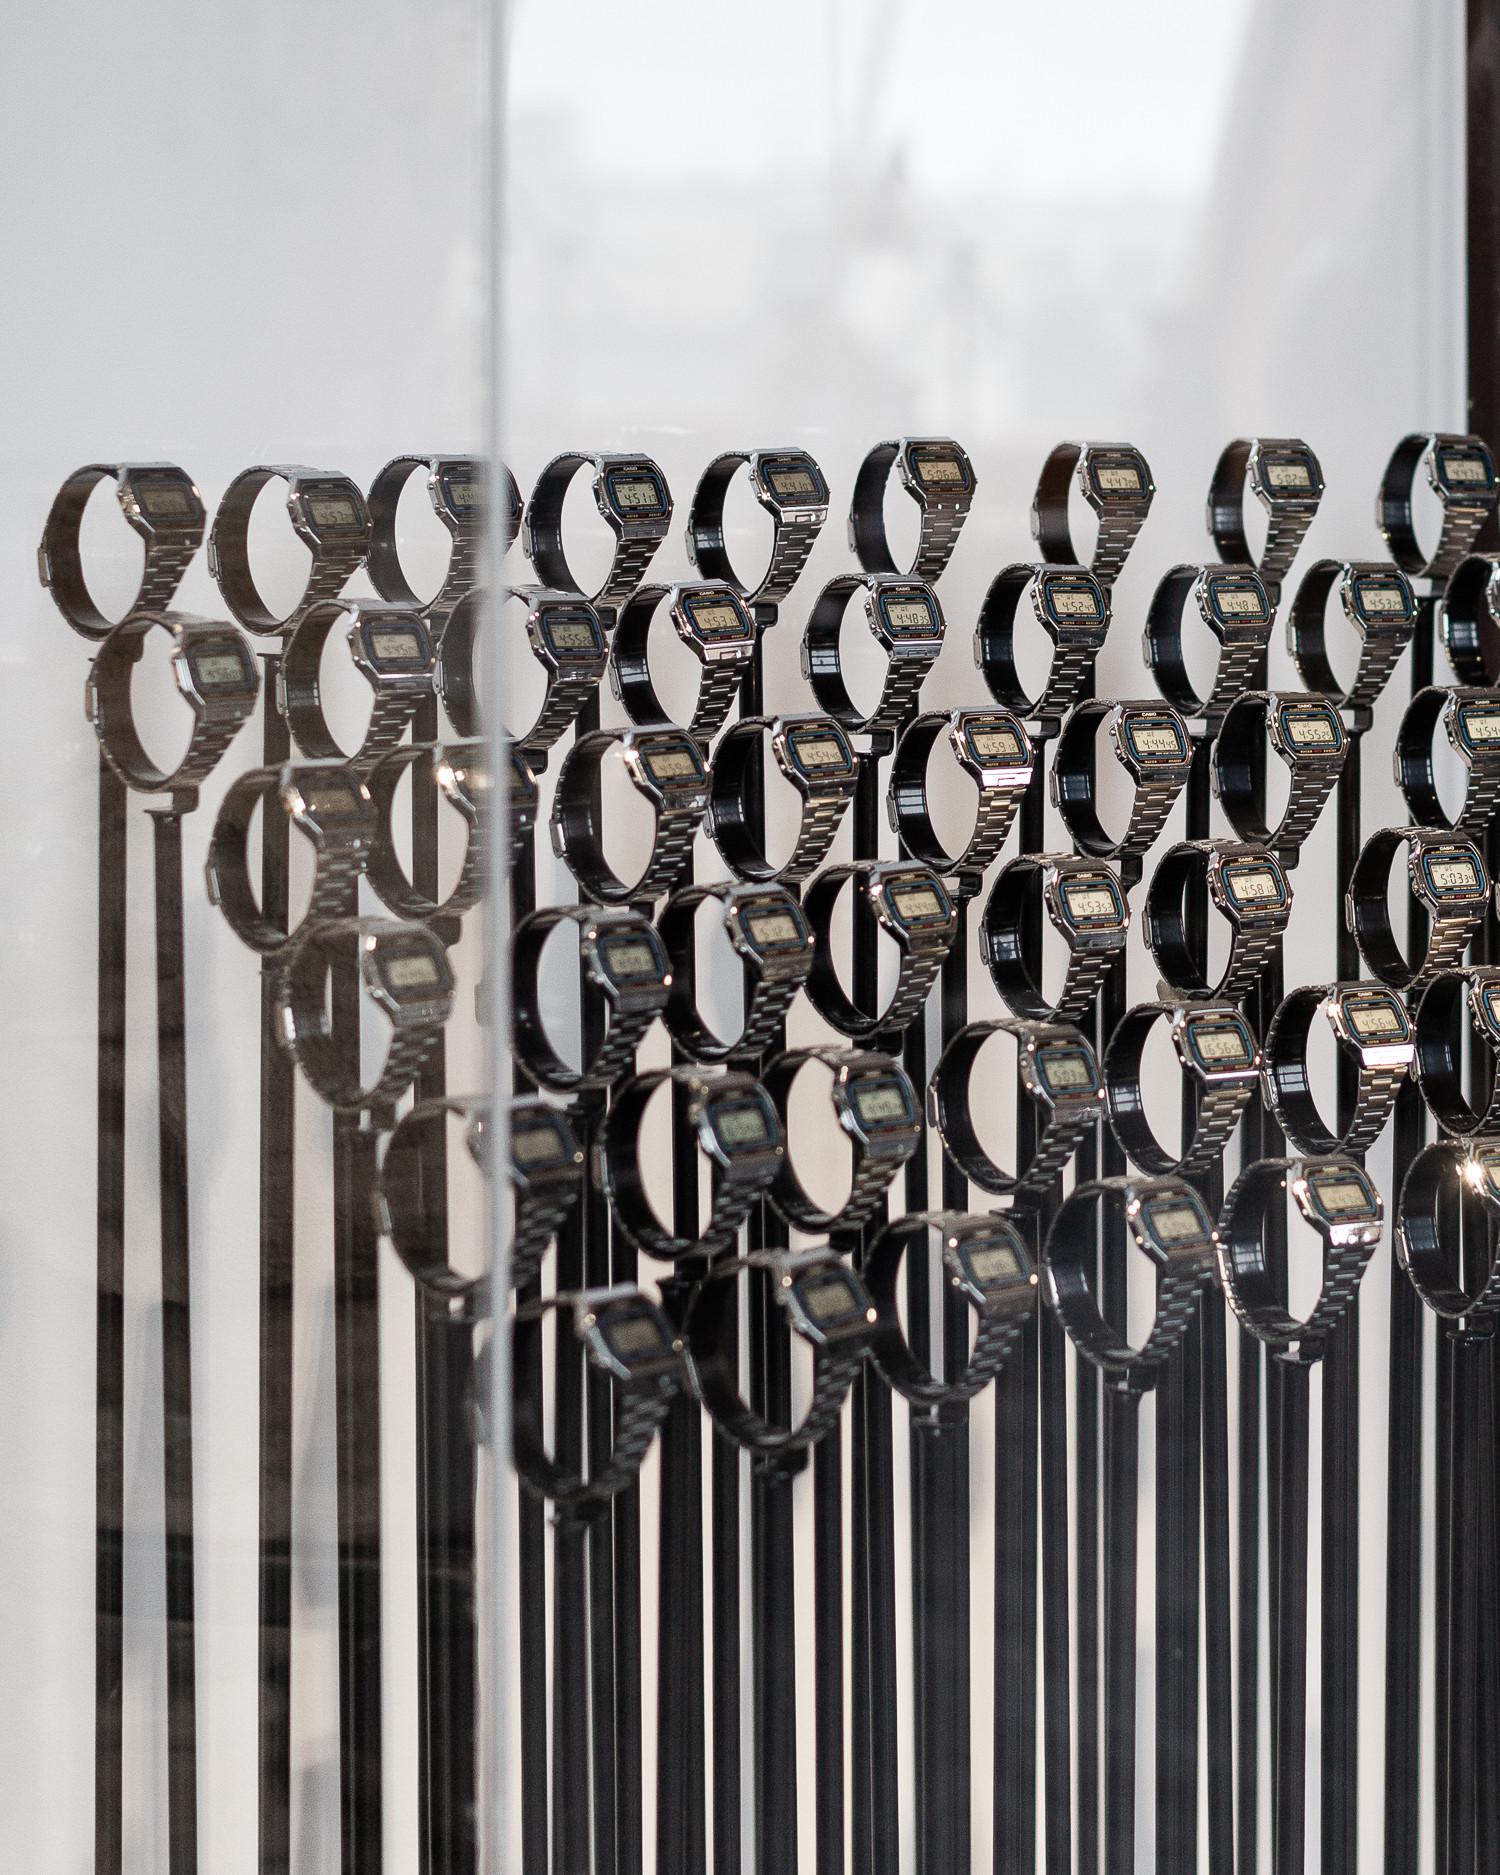 работа Алексея Мандича 'симфония скотного двора' из коллекции галереи. это часы Casio, отстающие друг от друга максимум на 10 минут, у которых заведен будильник на 12 часов дня, в это время звучит некая симфония, которая не является какой-то конкретной мелодией